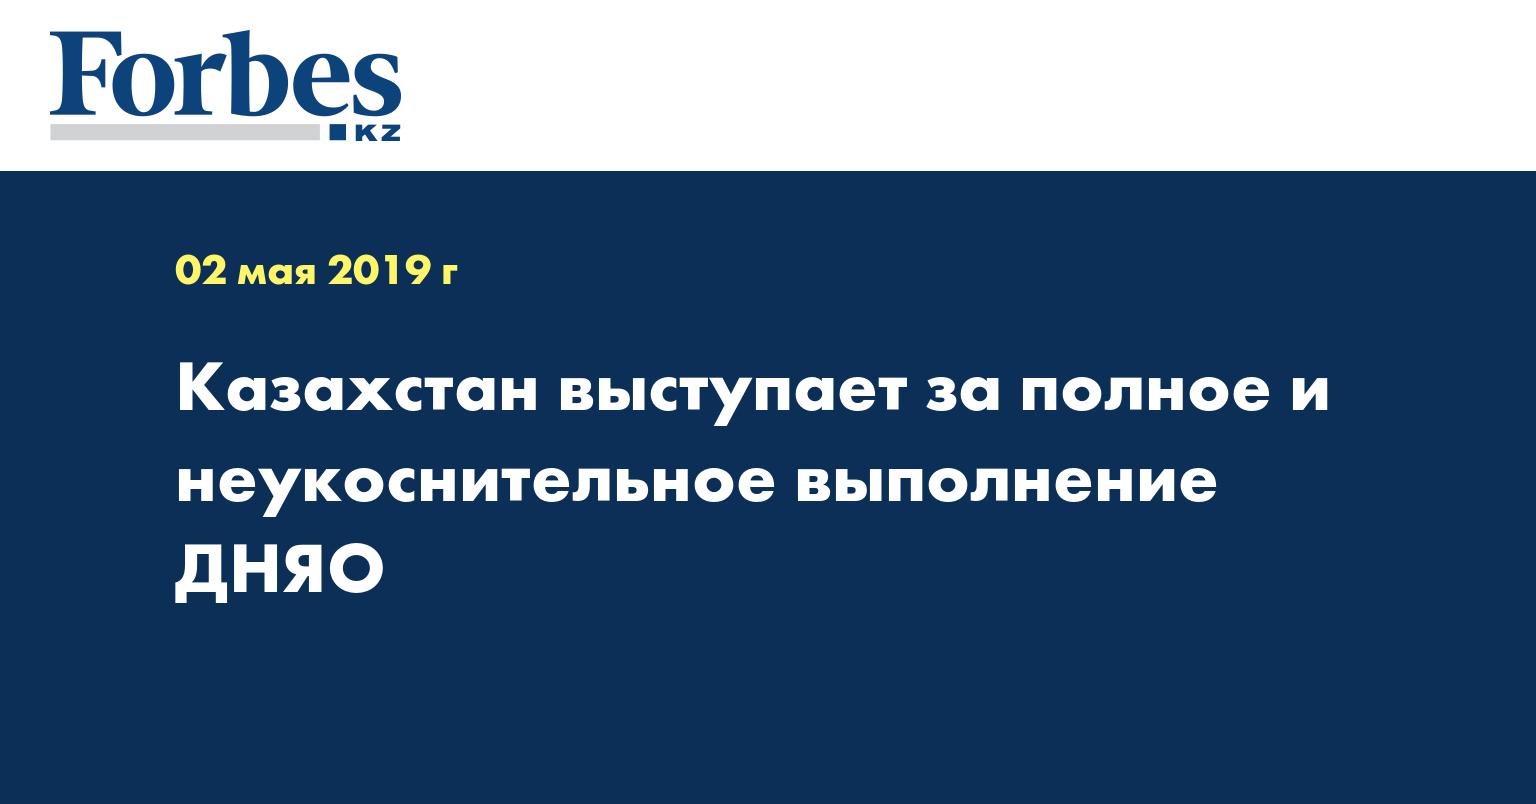 Казахстан выступает за полное и неукоснительное выполнение ДНЯО